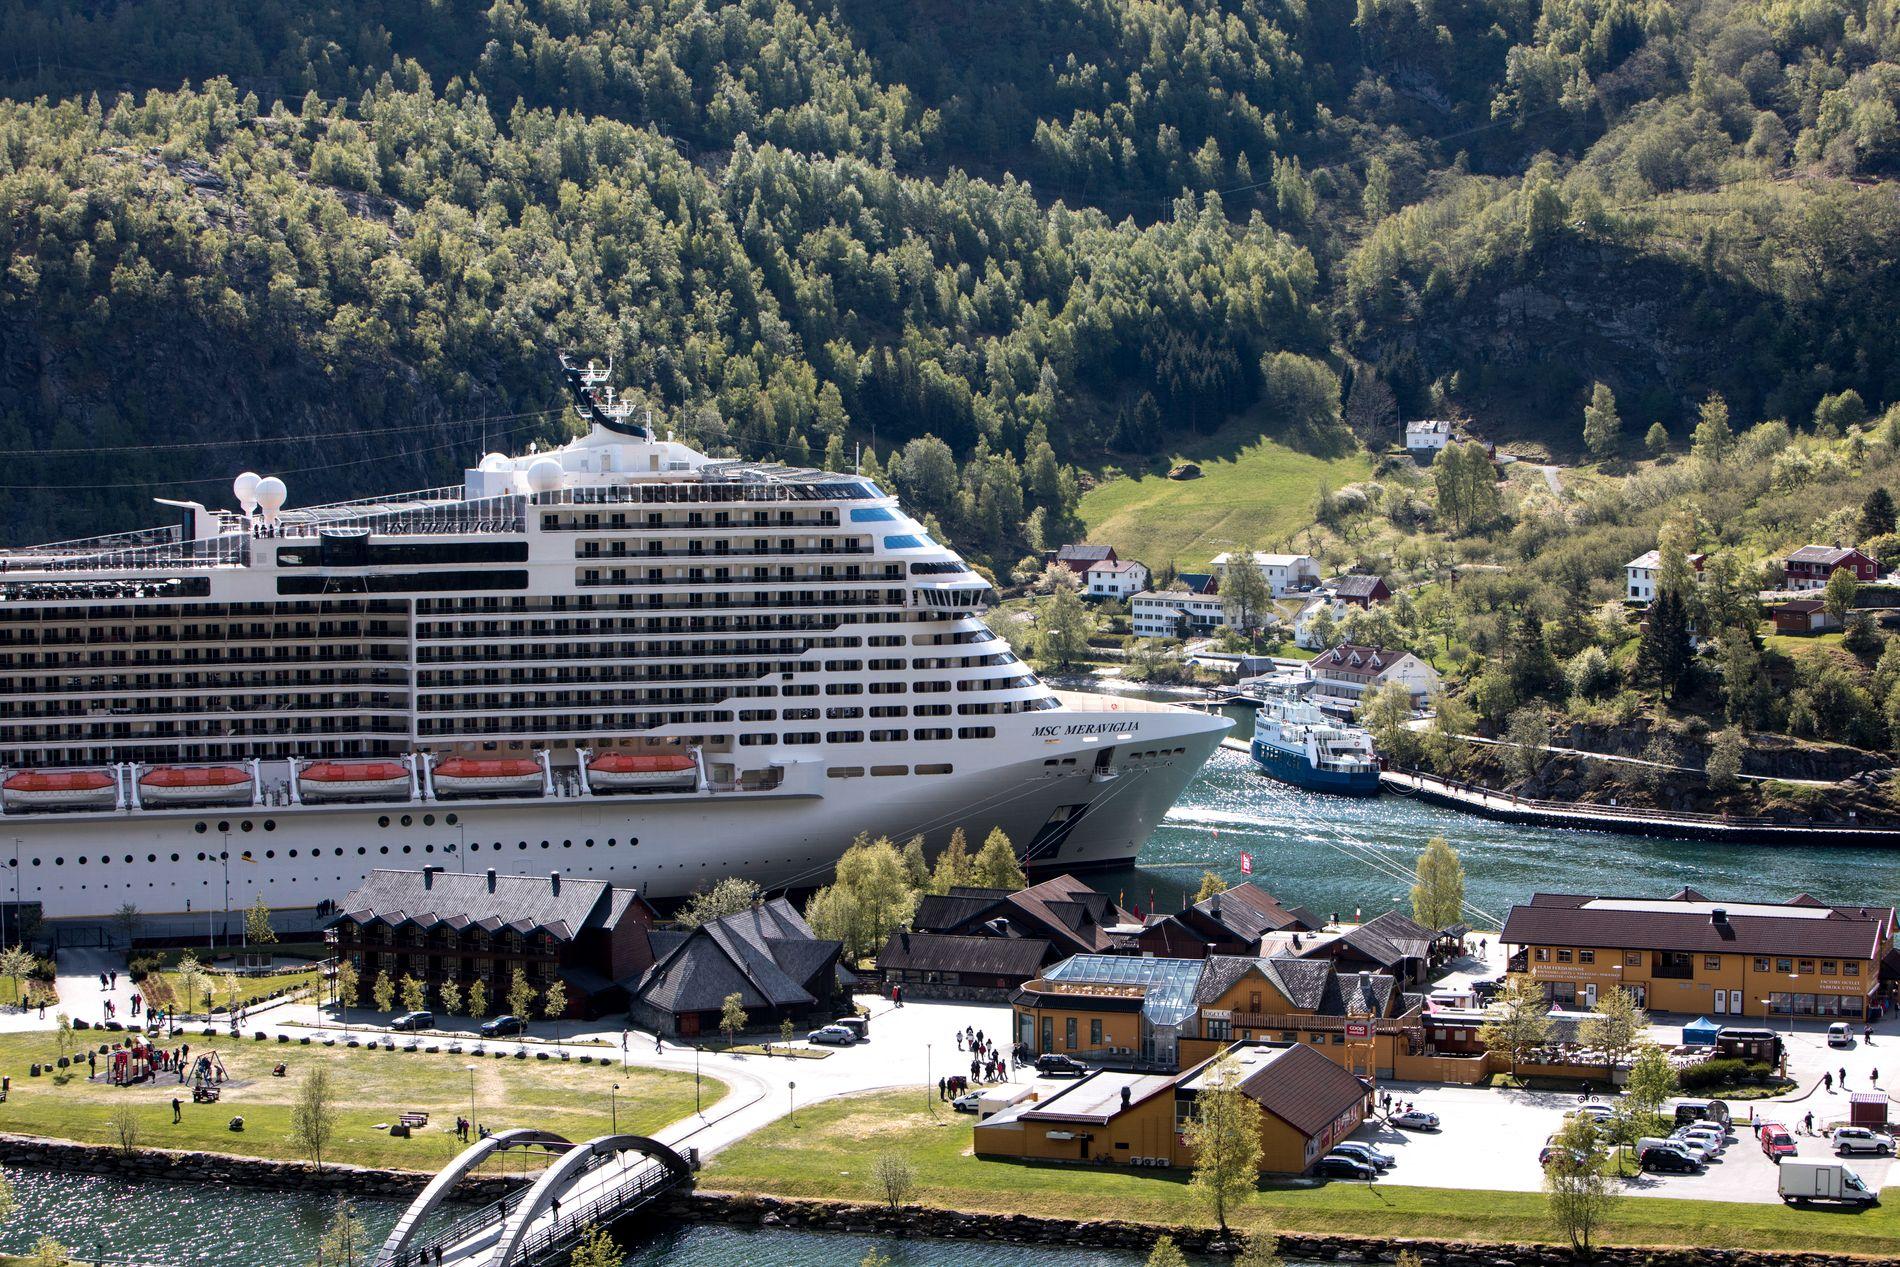 I FLÅM: Passasjeren var om bord på dette cruiseskipet, MSC «Meraviglia». Bildet er tatt i forbindelse med et besøk i Flåm i mai tidligere dette året.